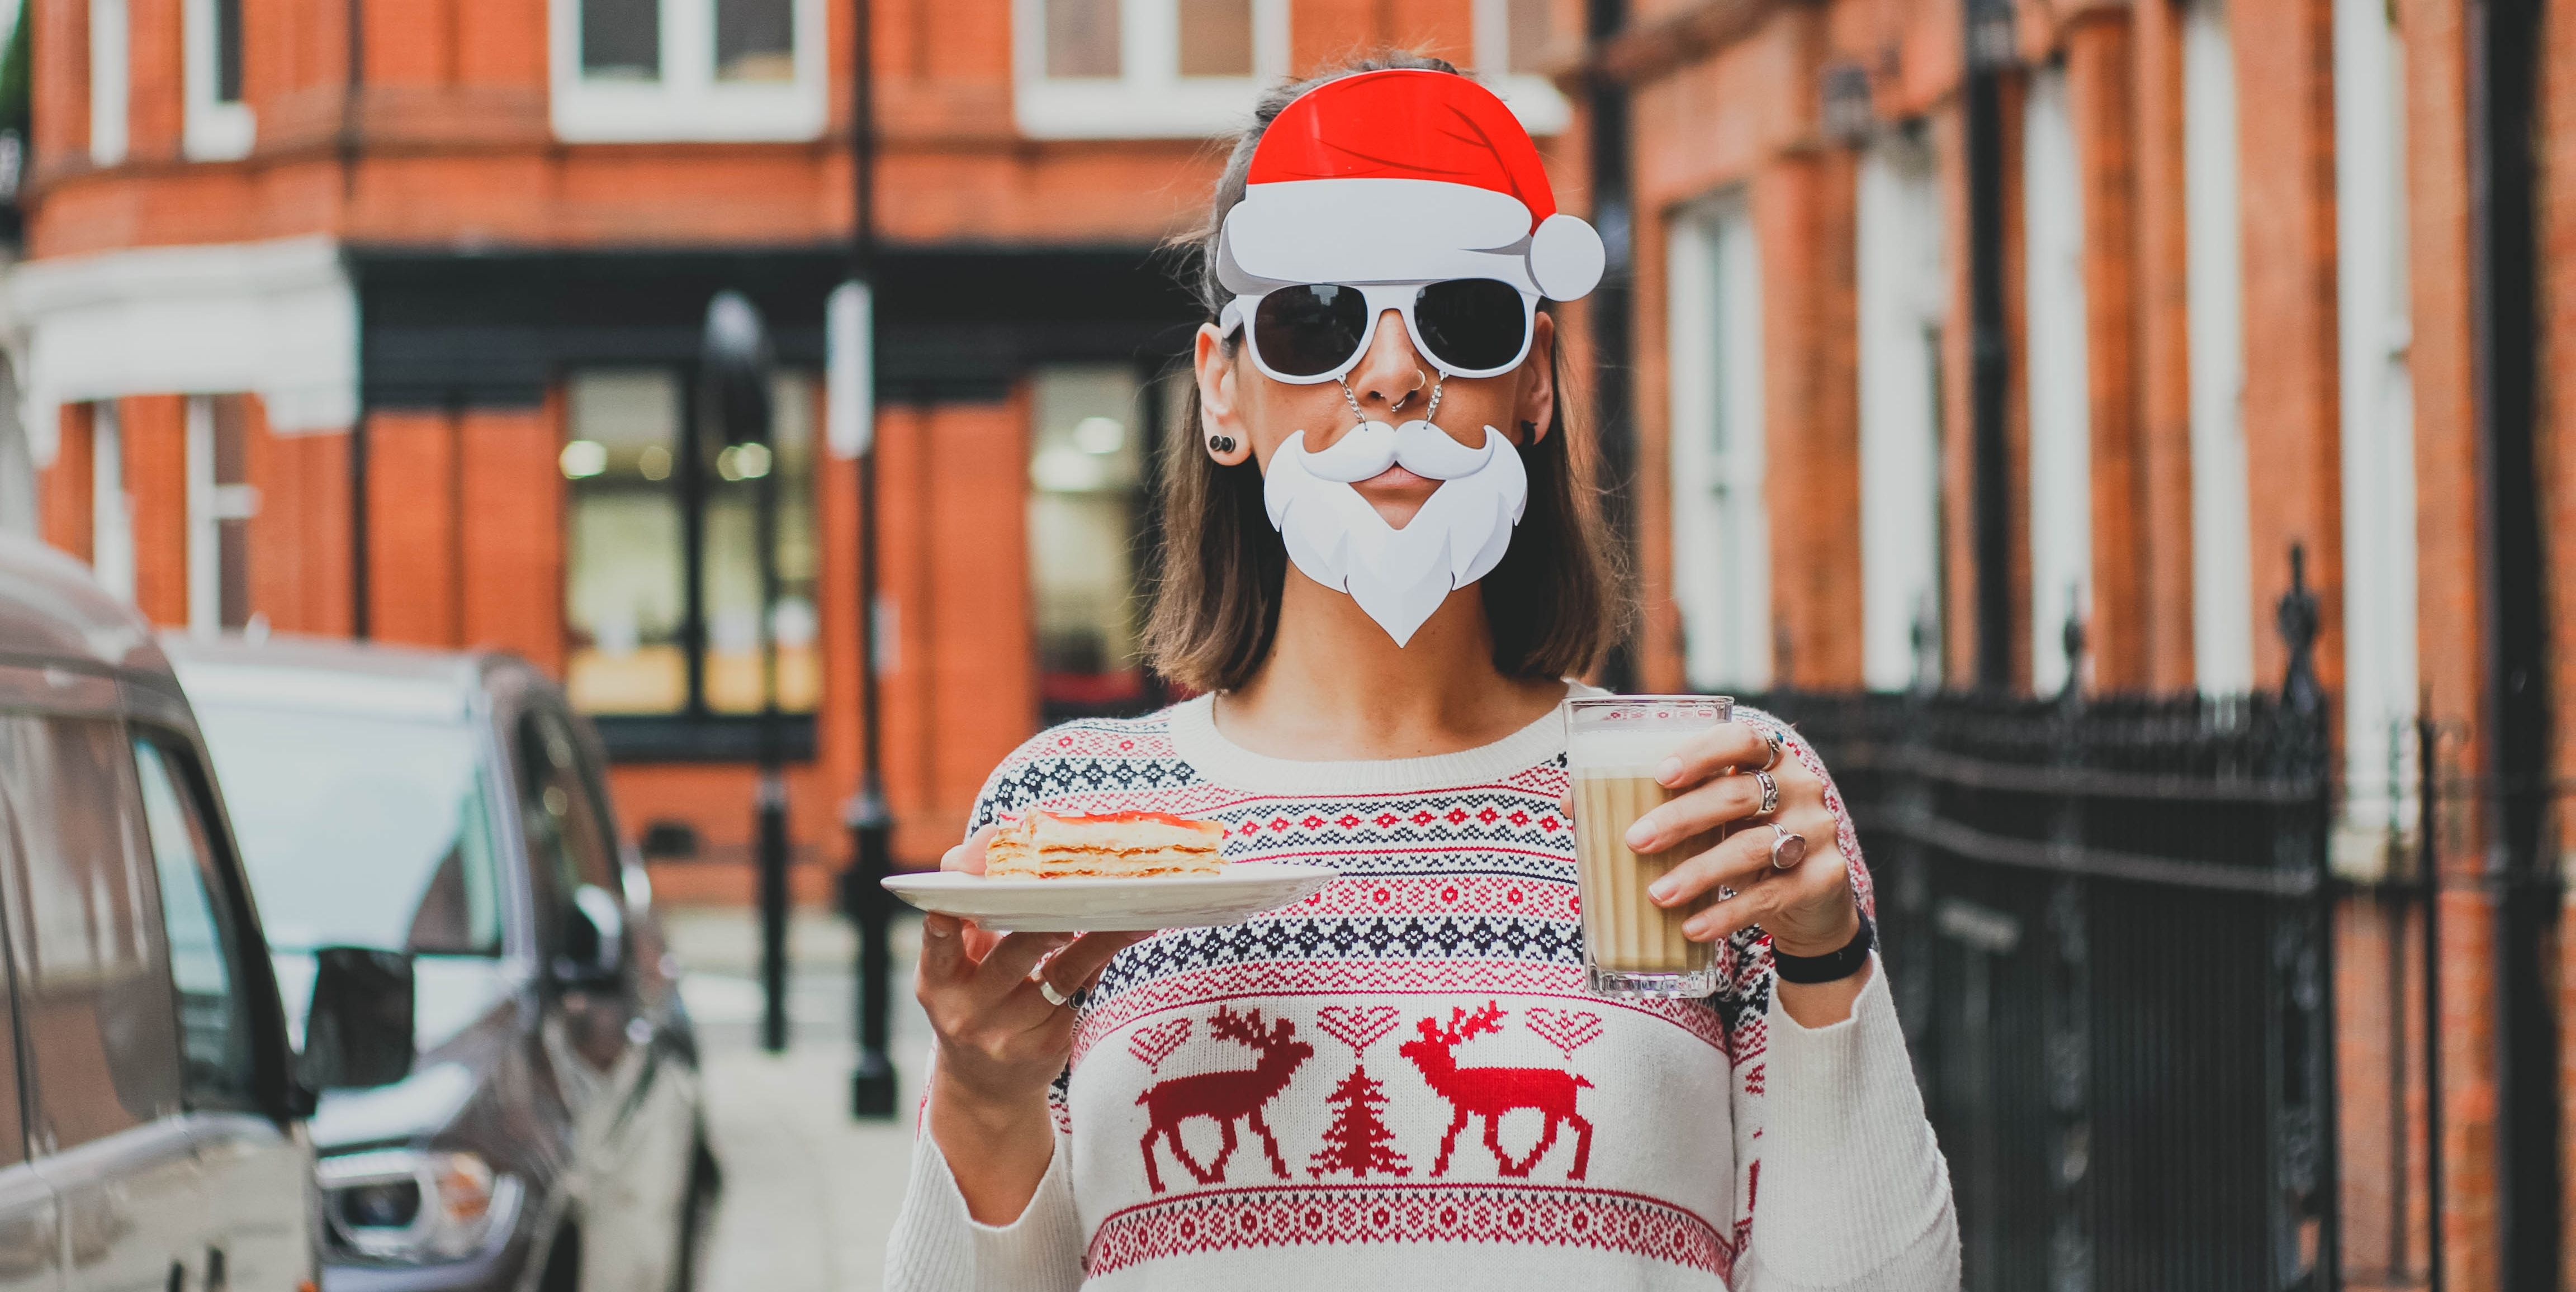 Una ragazza vestita da Babbo Natale regala doni semplici